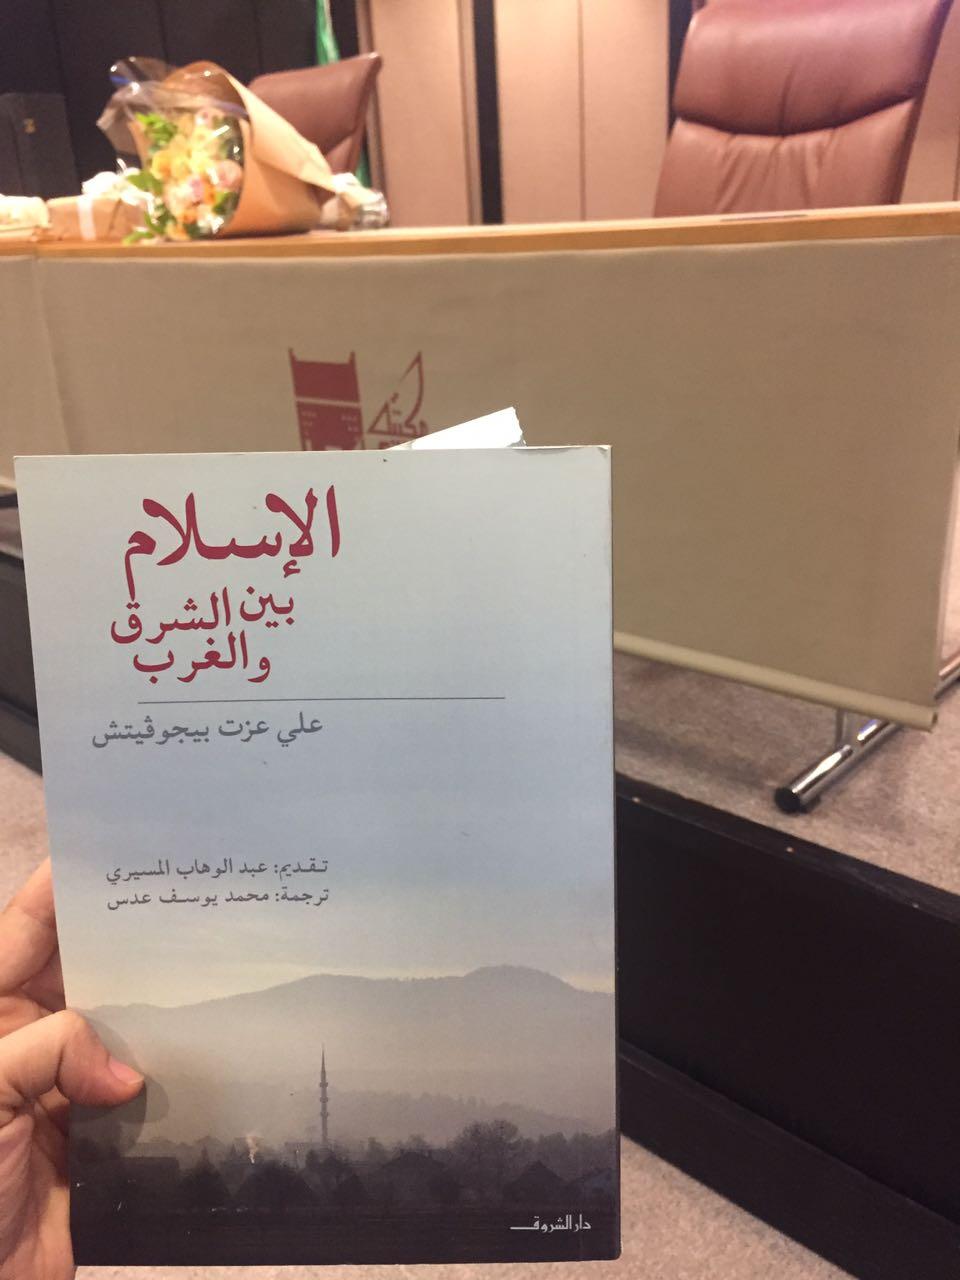 بالصور الاسلام بين الشرق والغرب , اروع عبارات من كتاب الاسلام بين الشرق والغرب 4210 1